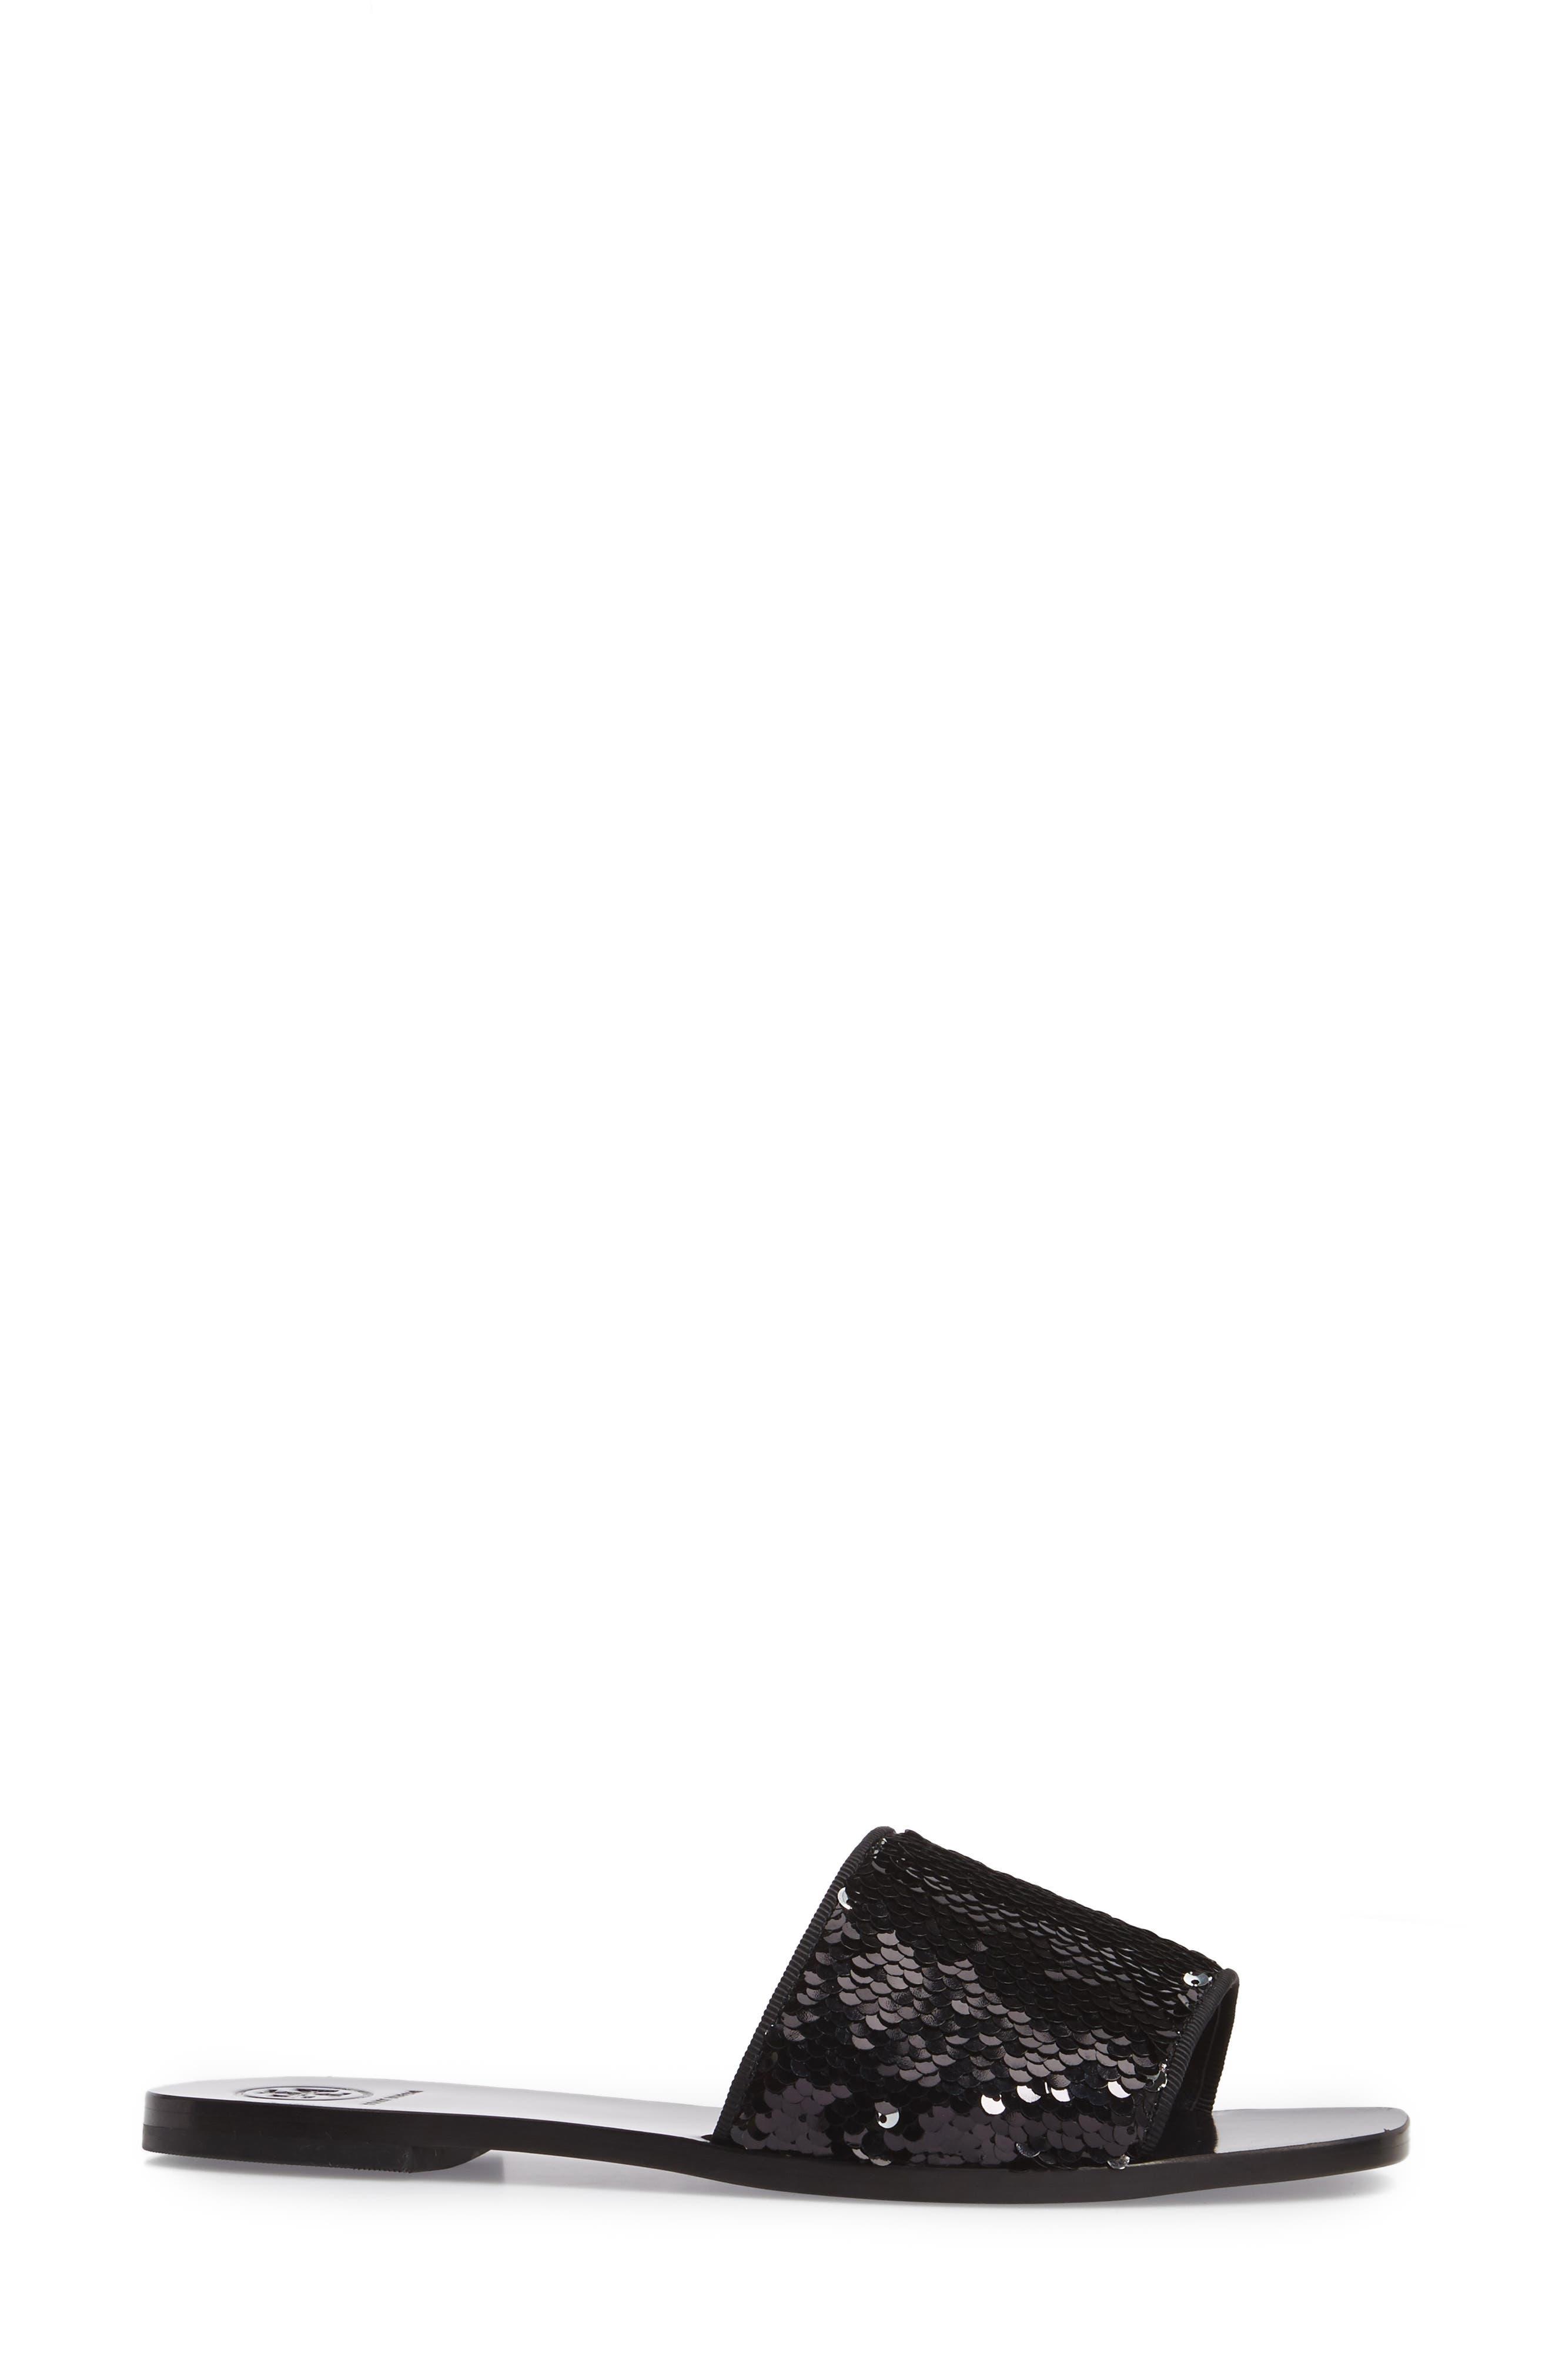 Carter Sequin Slide Sandal,                             Alternate thumbnail 3, color,                             043